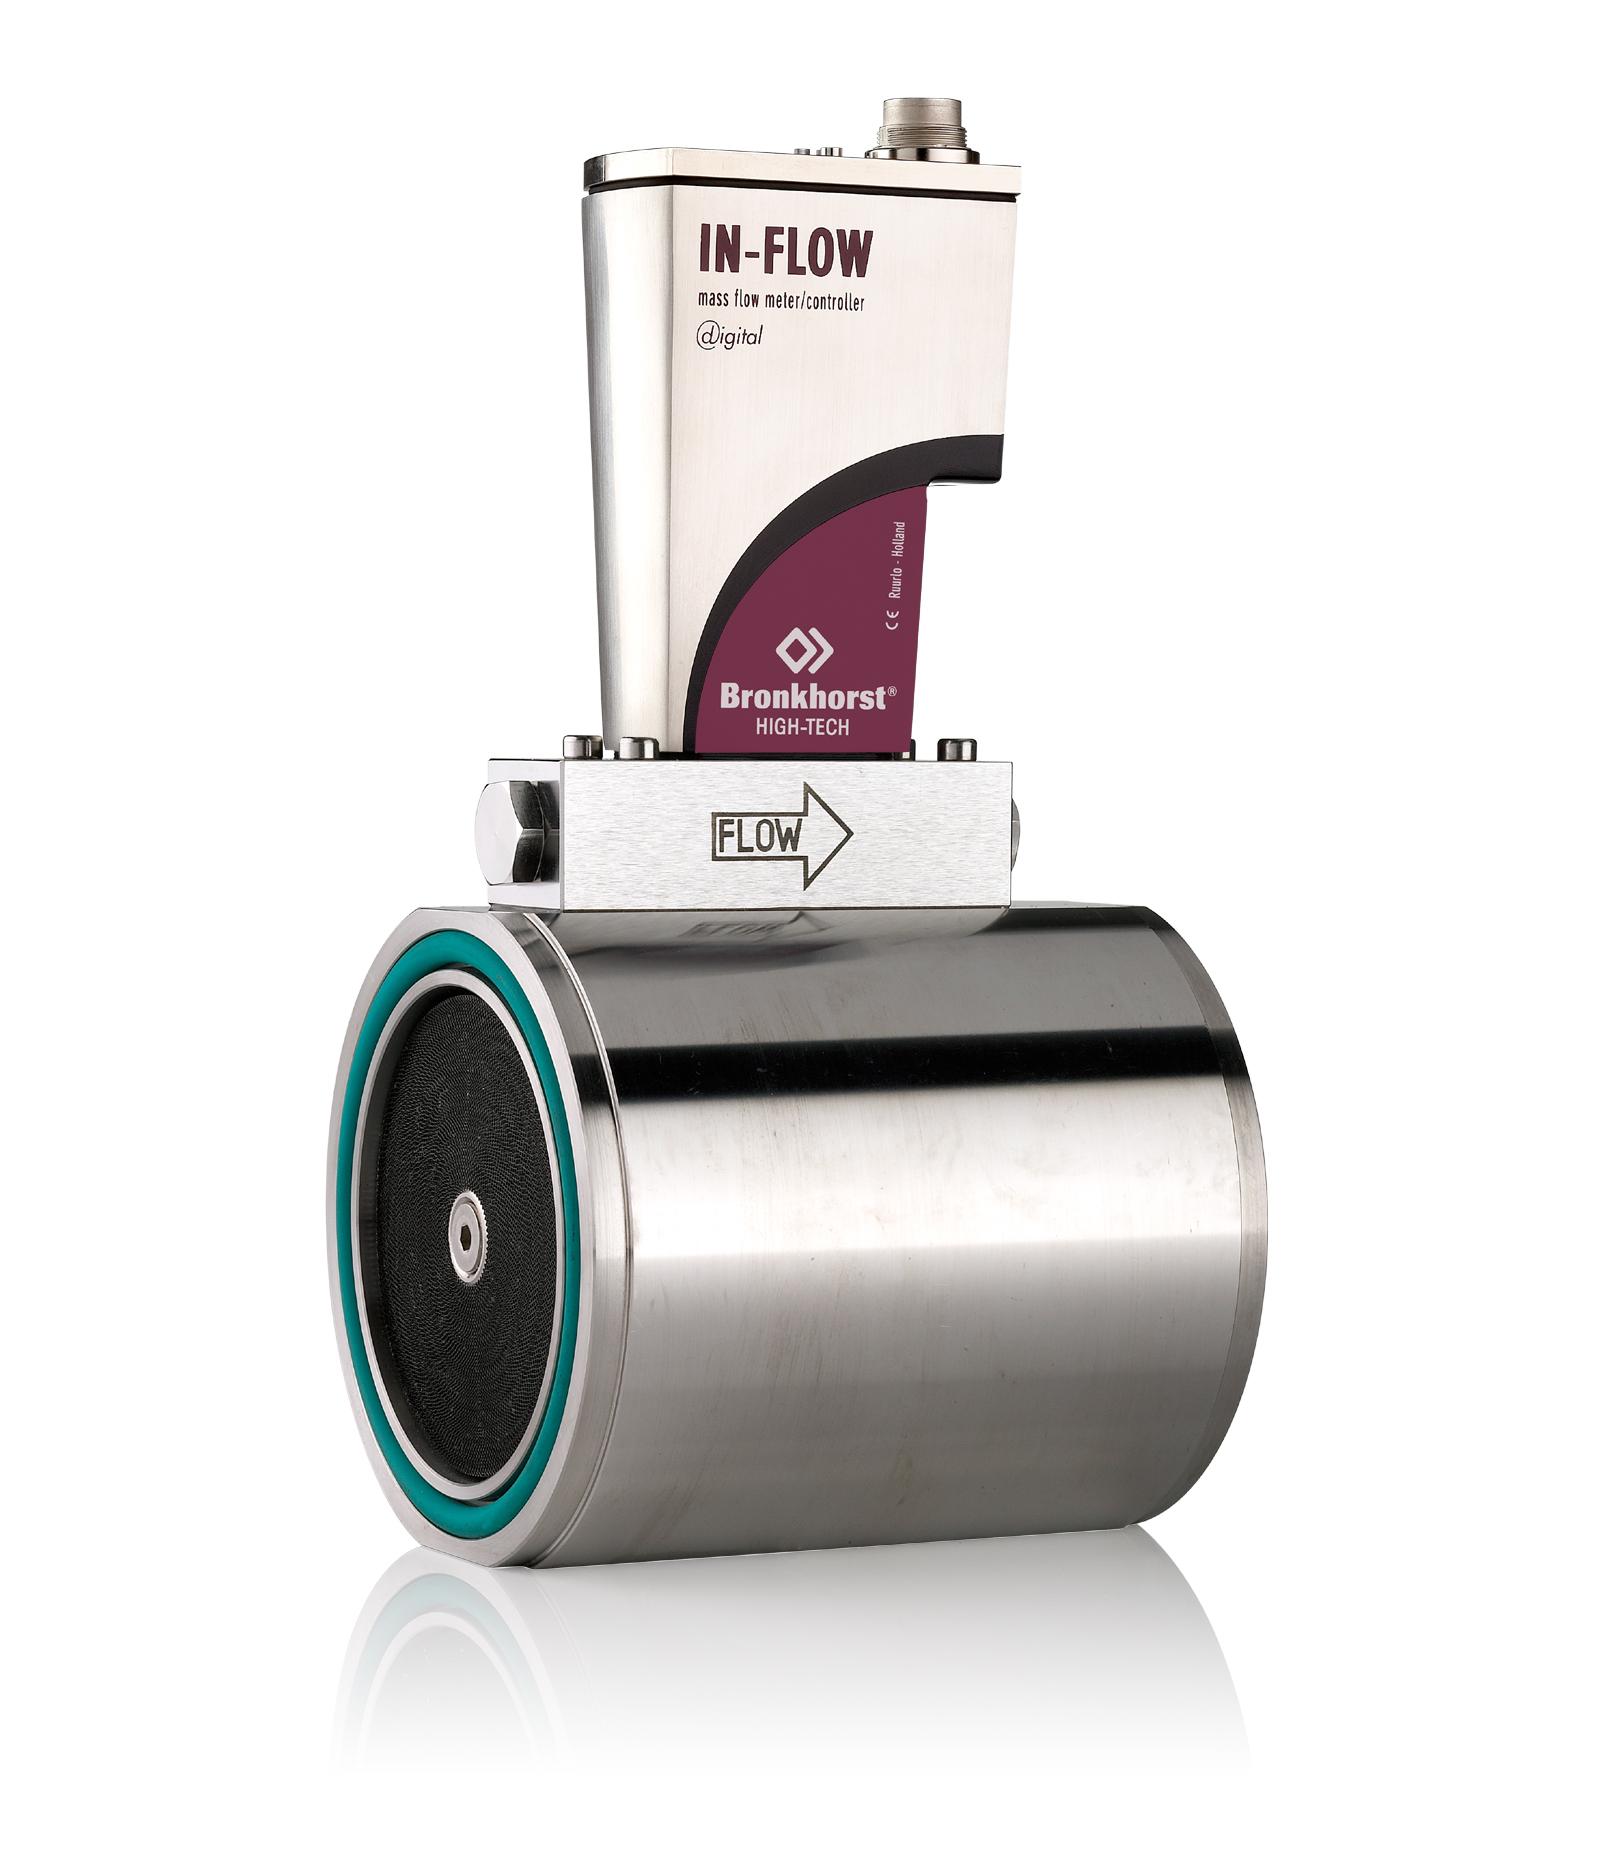 Prietokomer IN-Flow v prevedení medzi príruby